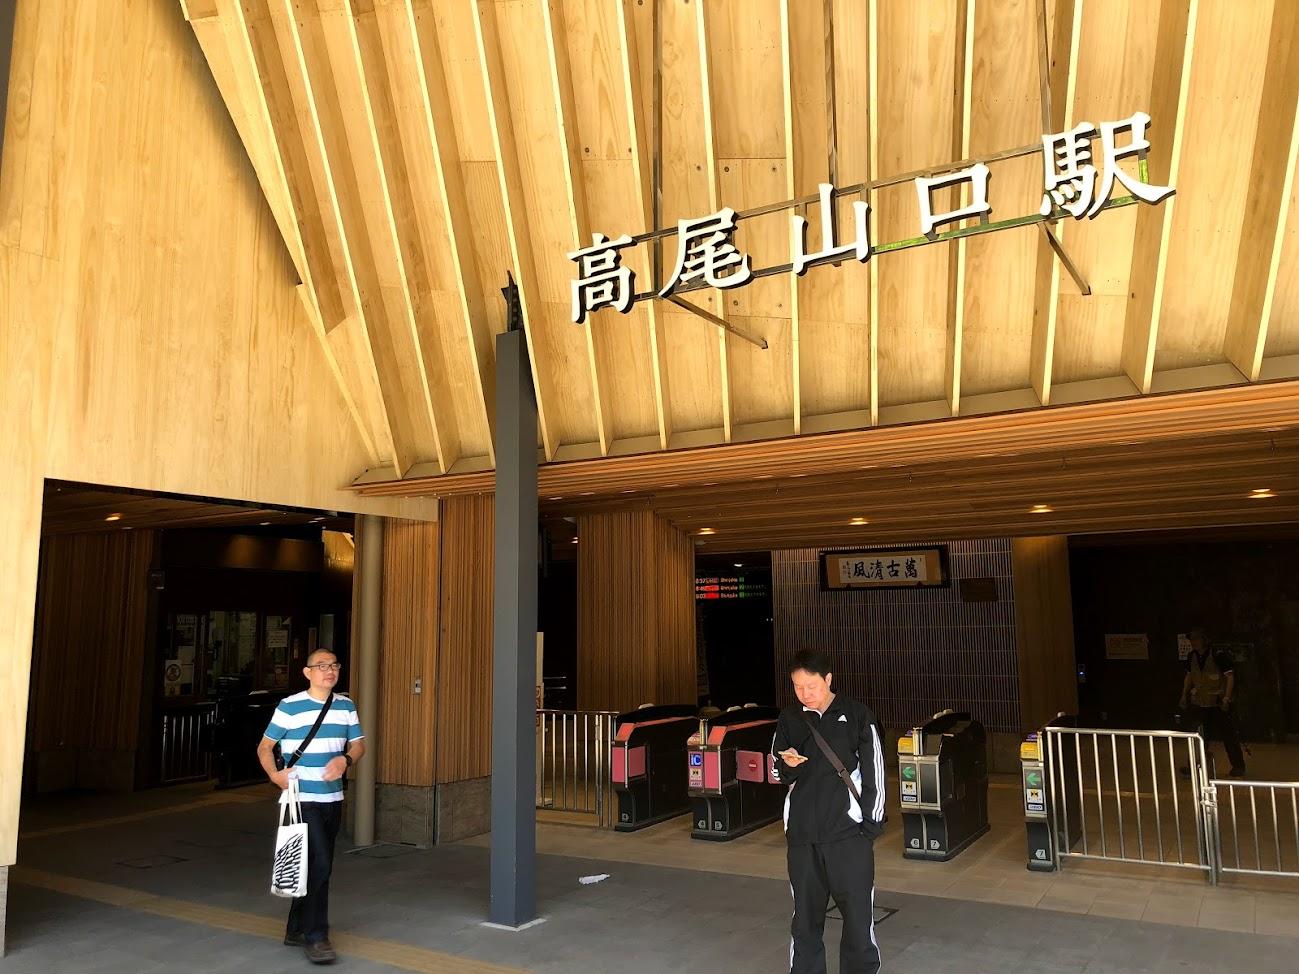 Takaosanguchi Station